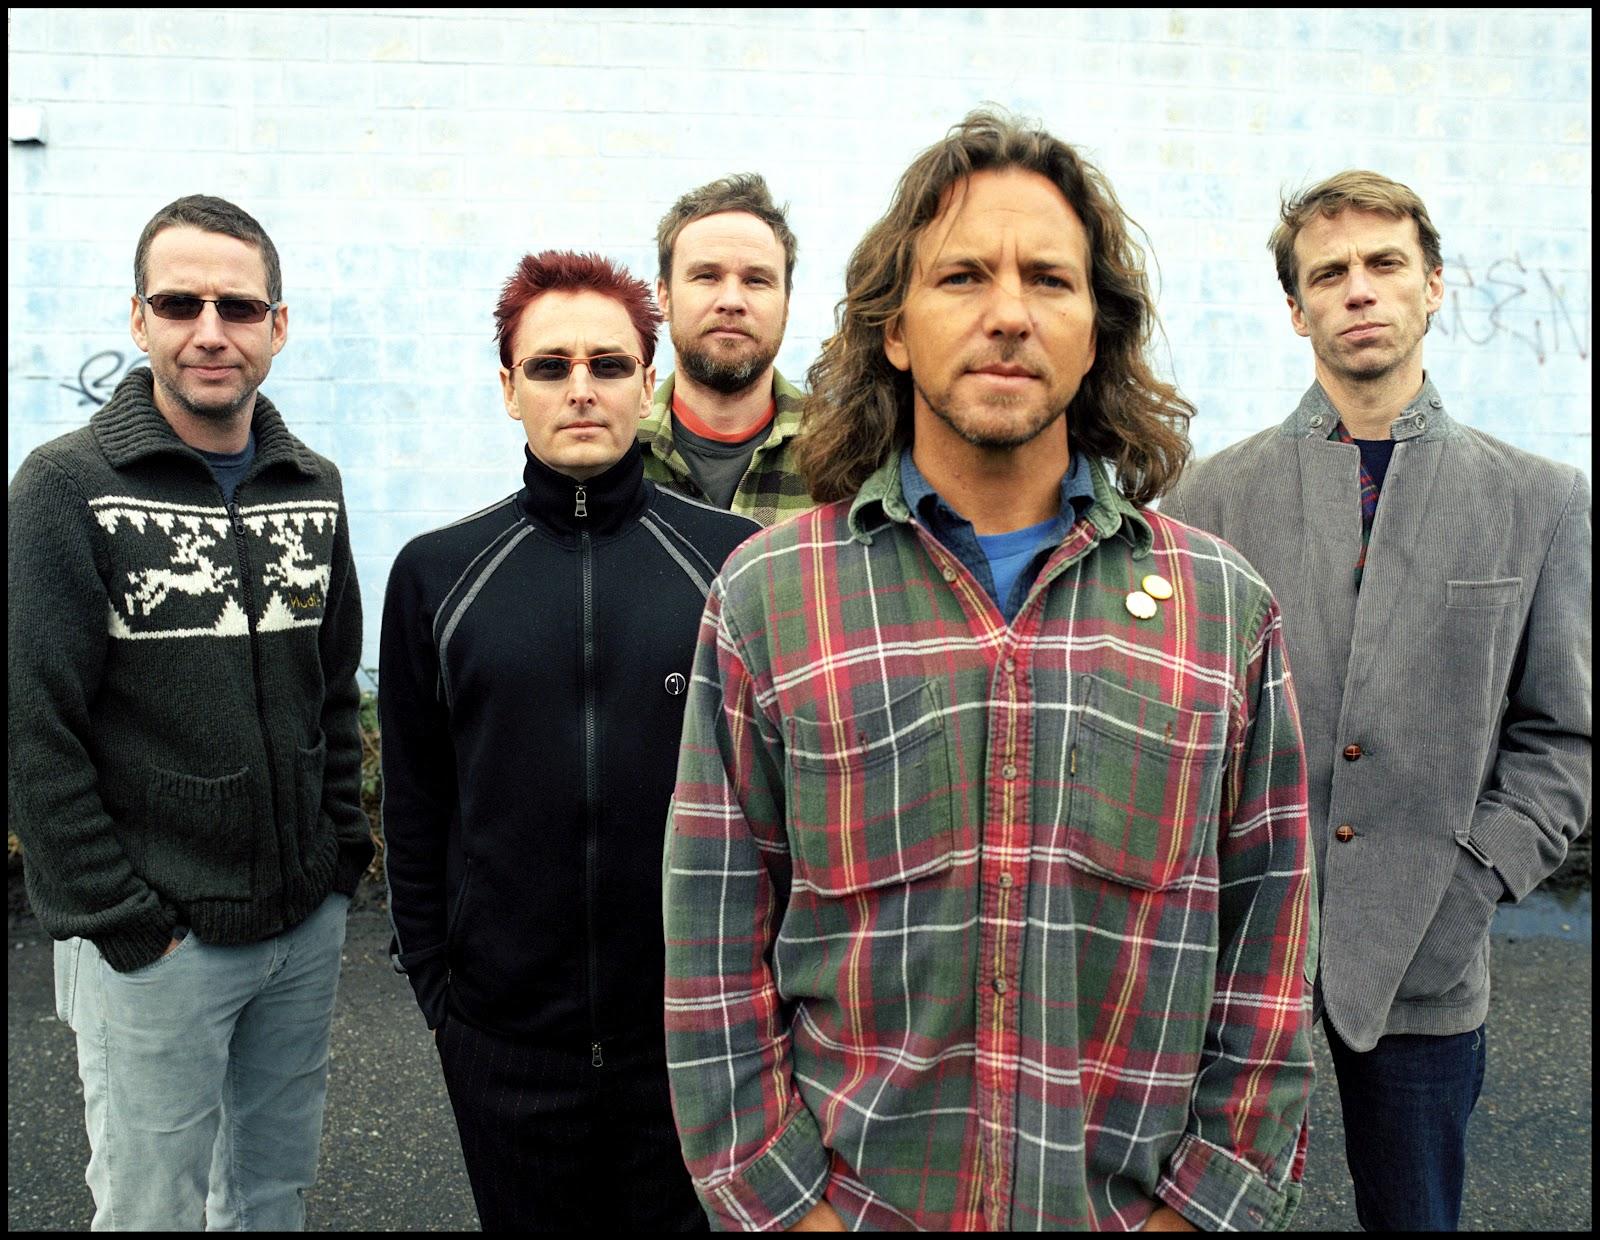 Debie Hive Summer School Of Rock Pearl Jam